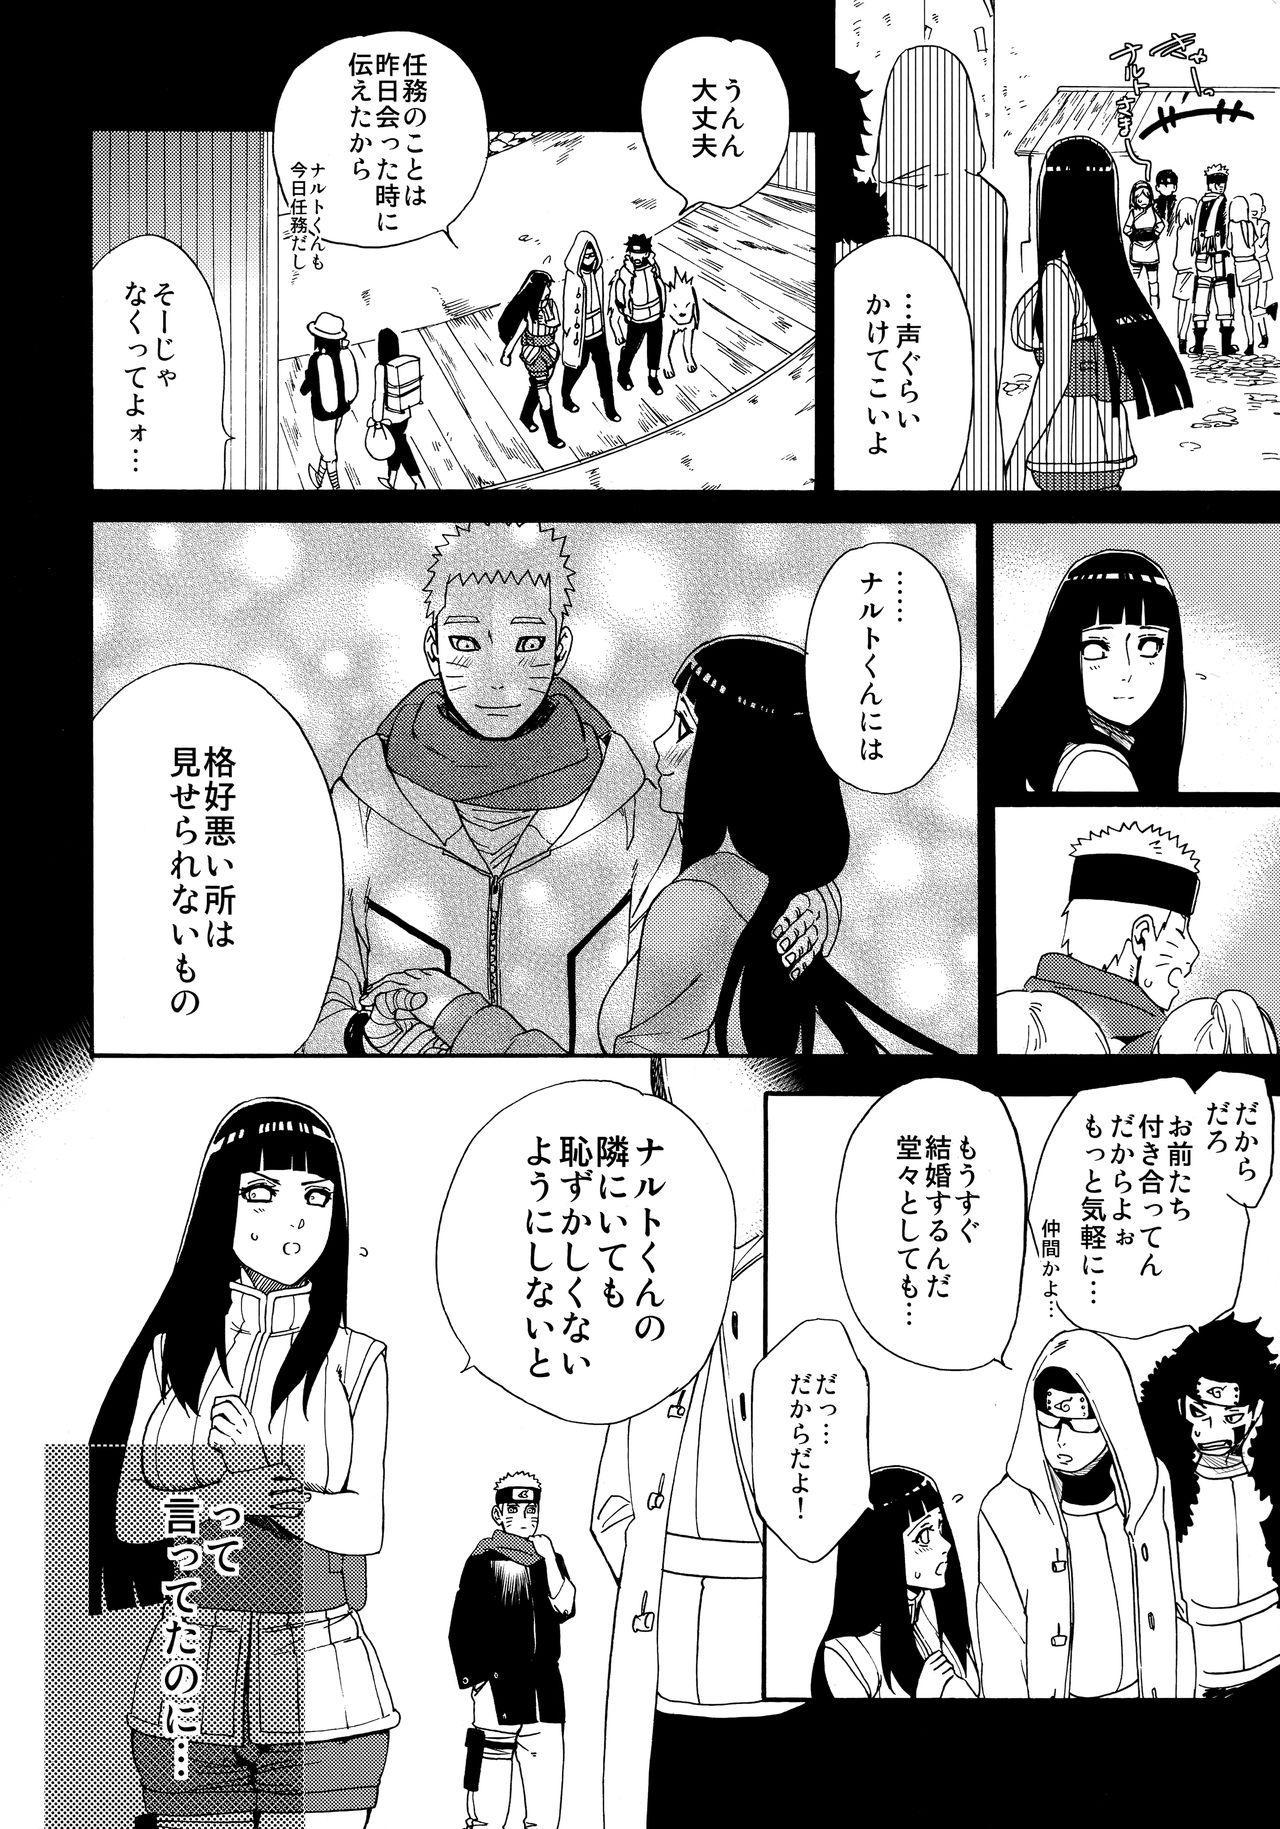 Oishii Milk 8